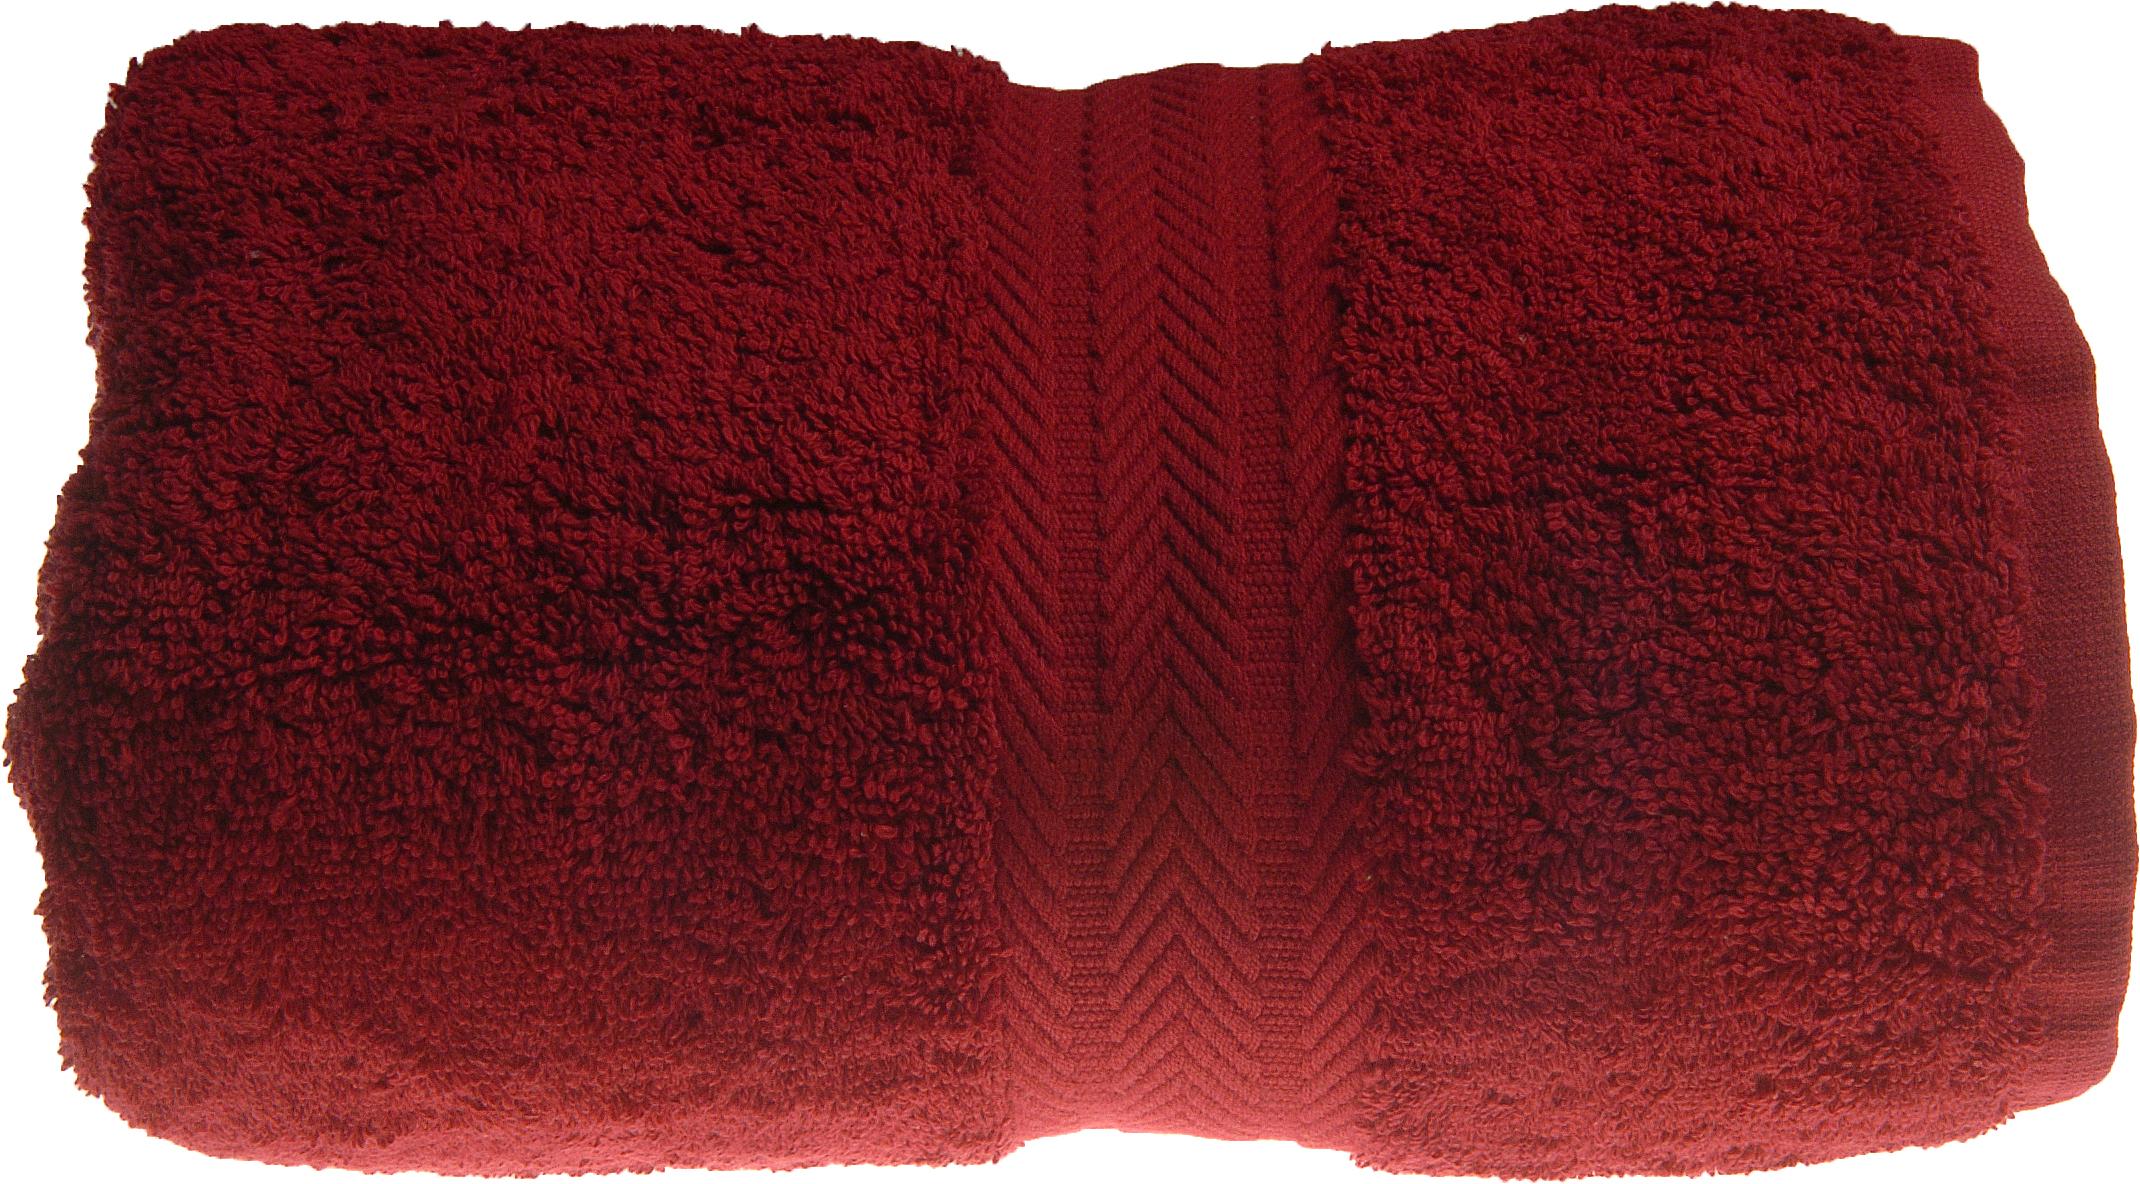 serviette de toilette 50 x 100 cm en coton couleur bordeaux bordeaux homebain vente en. Black Bedroom Furniture Sets. Home Design Ideas